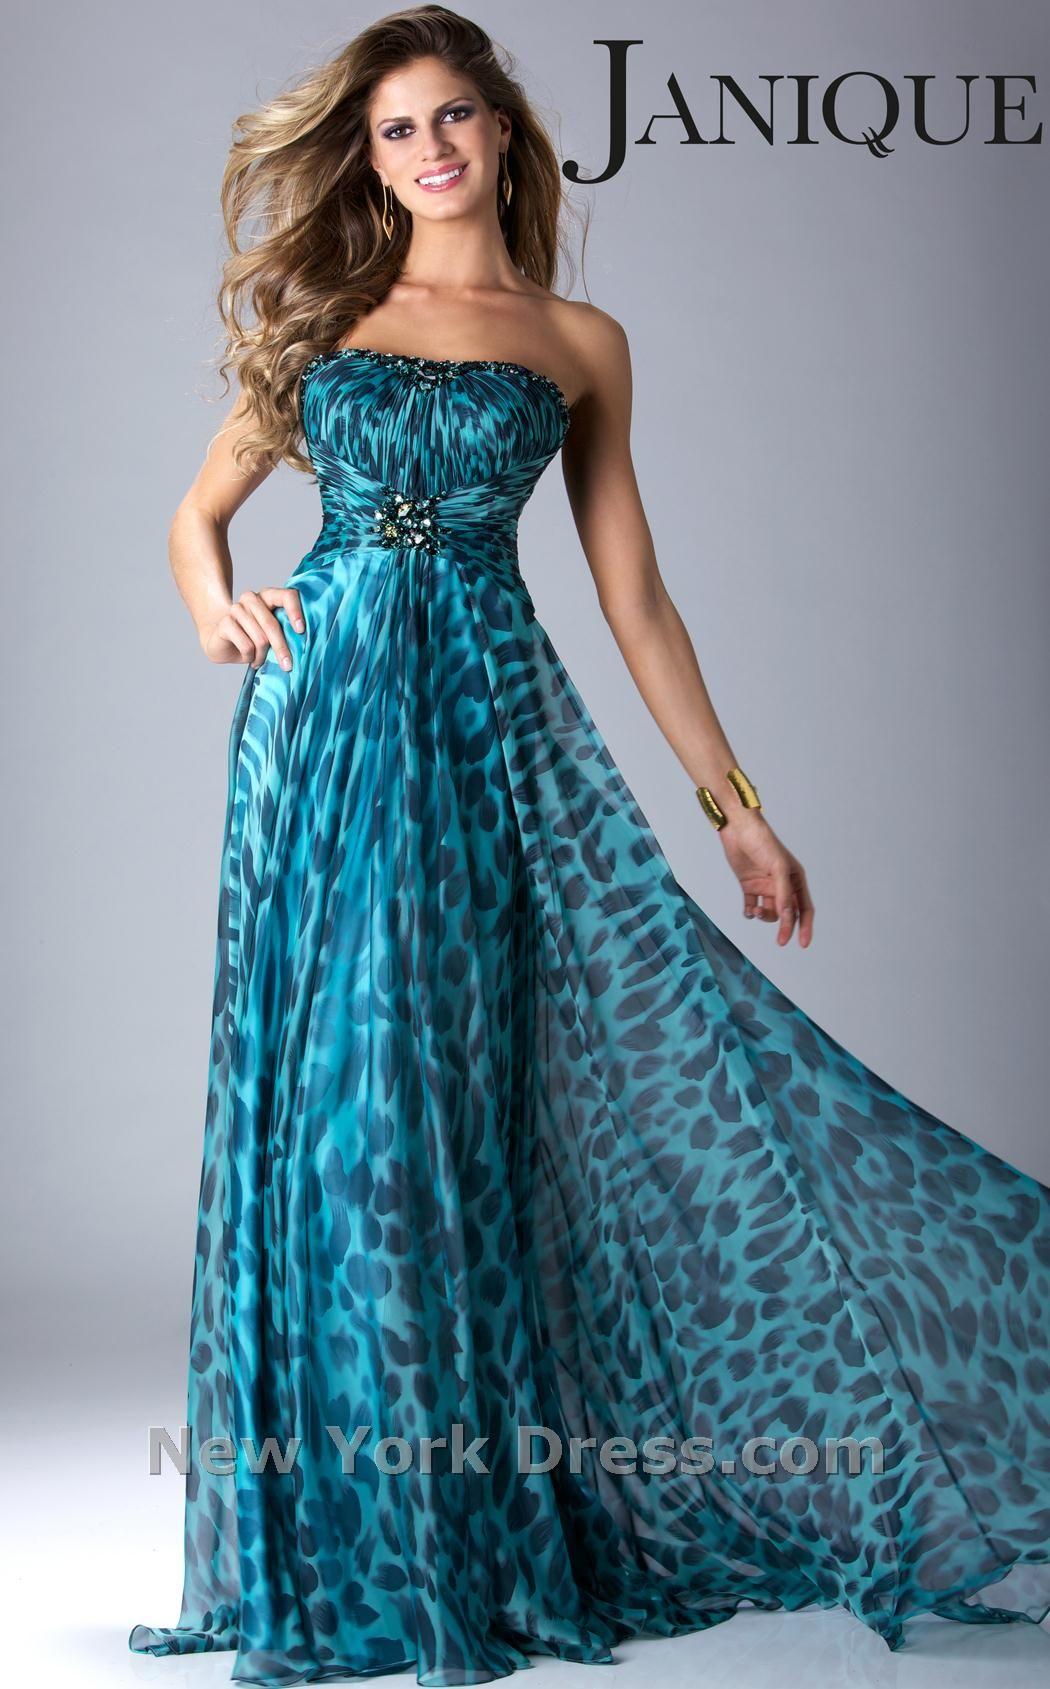 Janique 1278Y Dress - NewYorkDress.com   Clothes   Pinterest ...